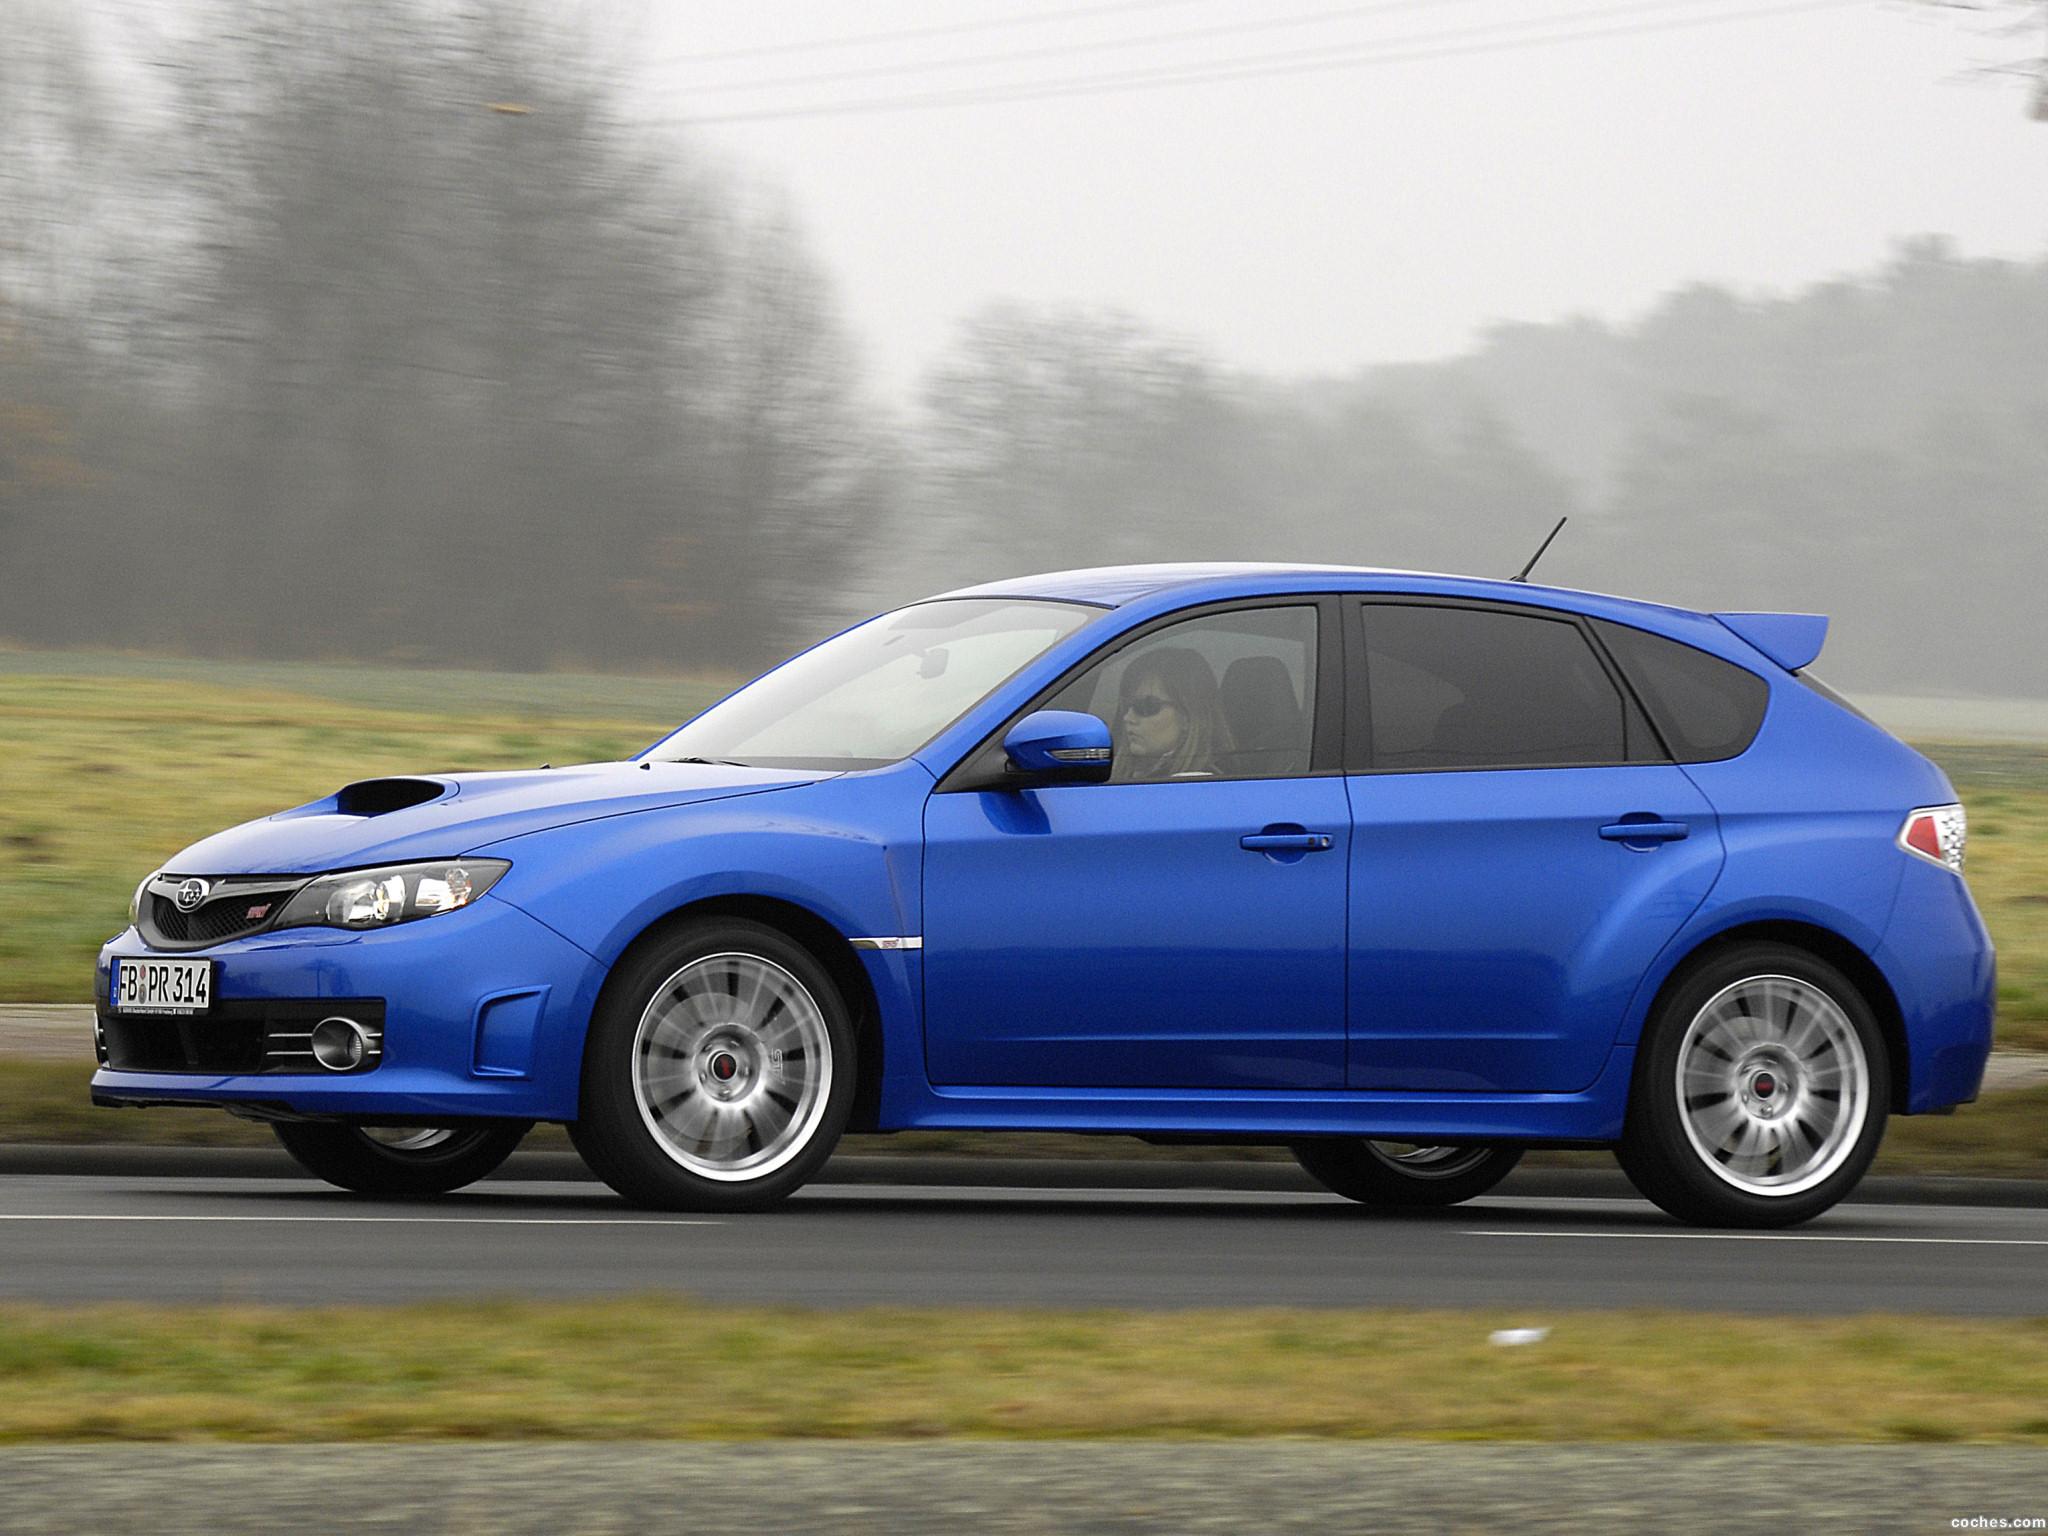 Foto 1 de Subaru Impreza WRX STi 2008